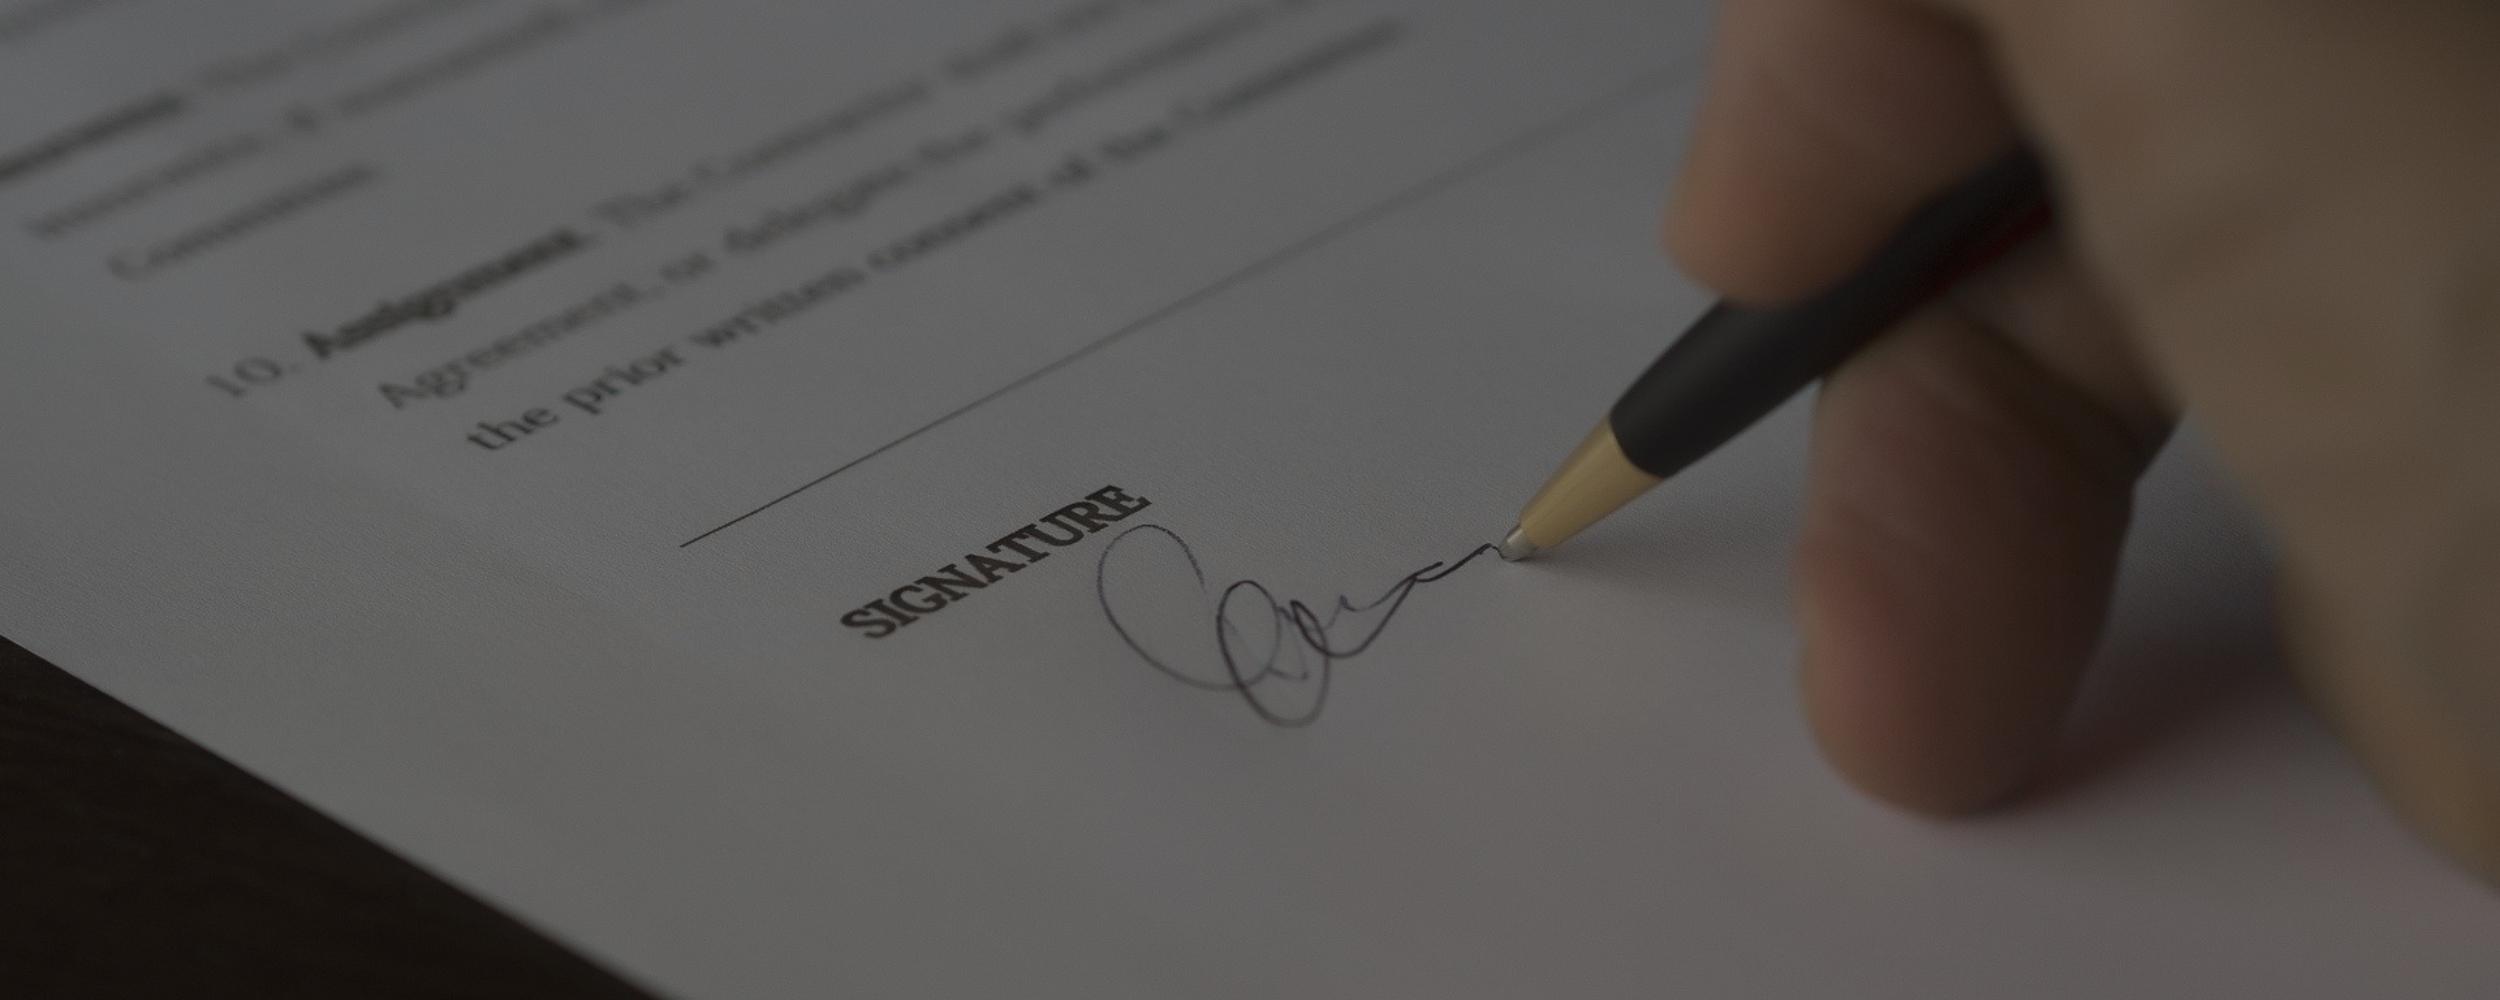 El TS declara que los pactos novatorios no convalidan la cláusula suelo inicial, pero si superan el control de transparencia son válidos